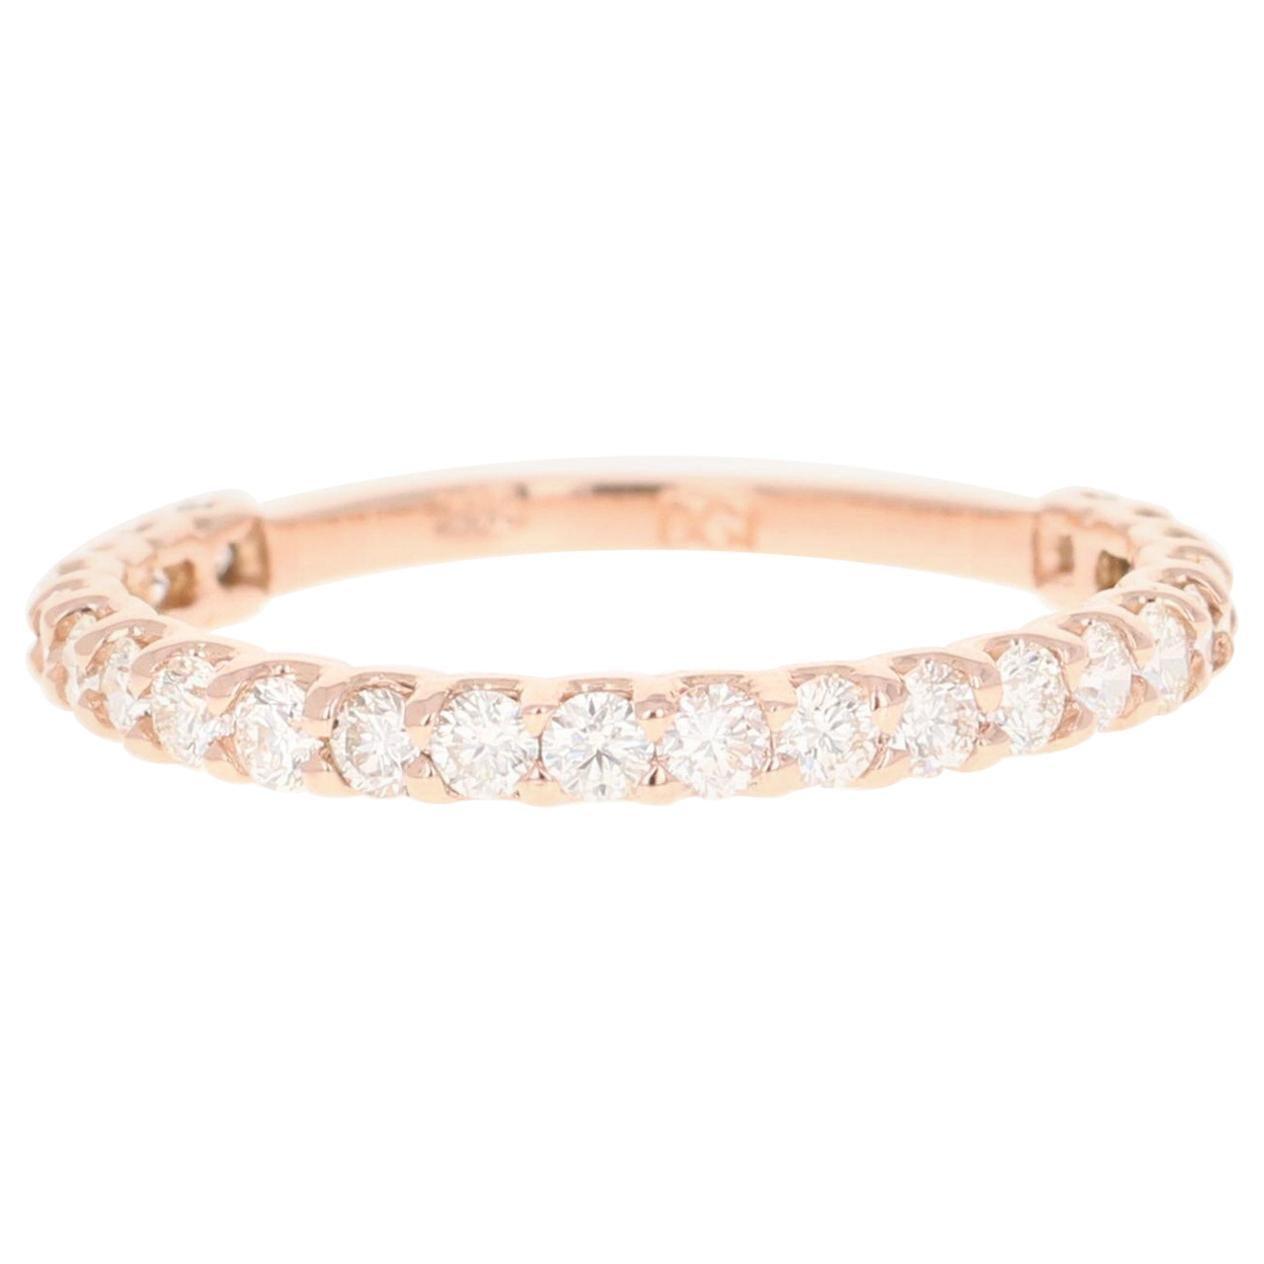 0.70 Carat Round Cut Diamond 14 Karat Rose Gold Band